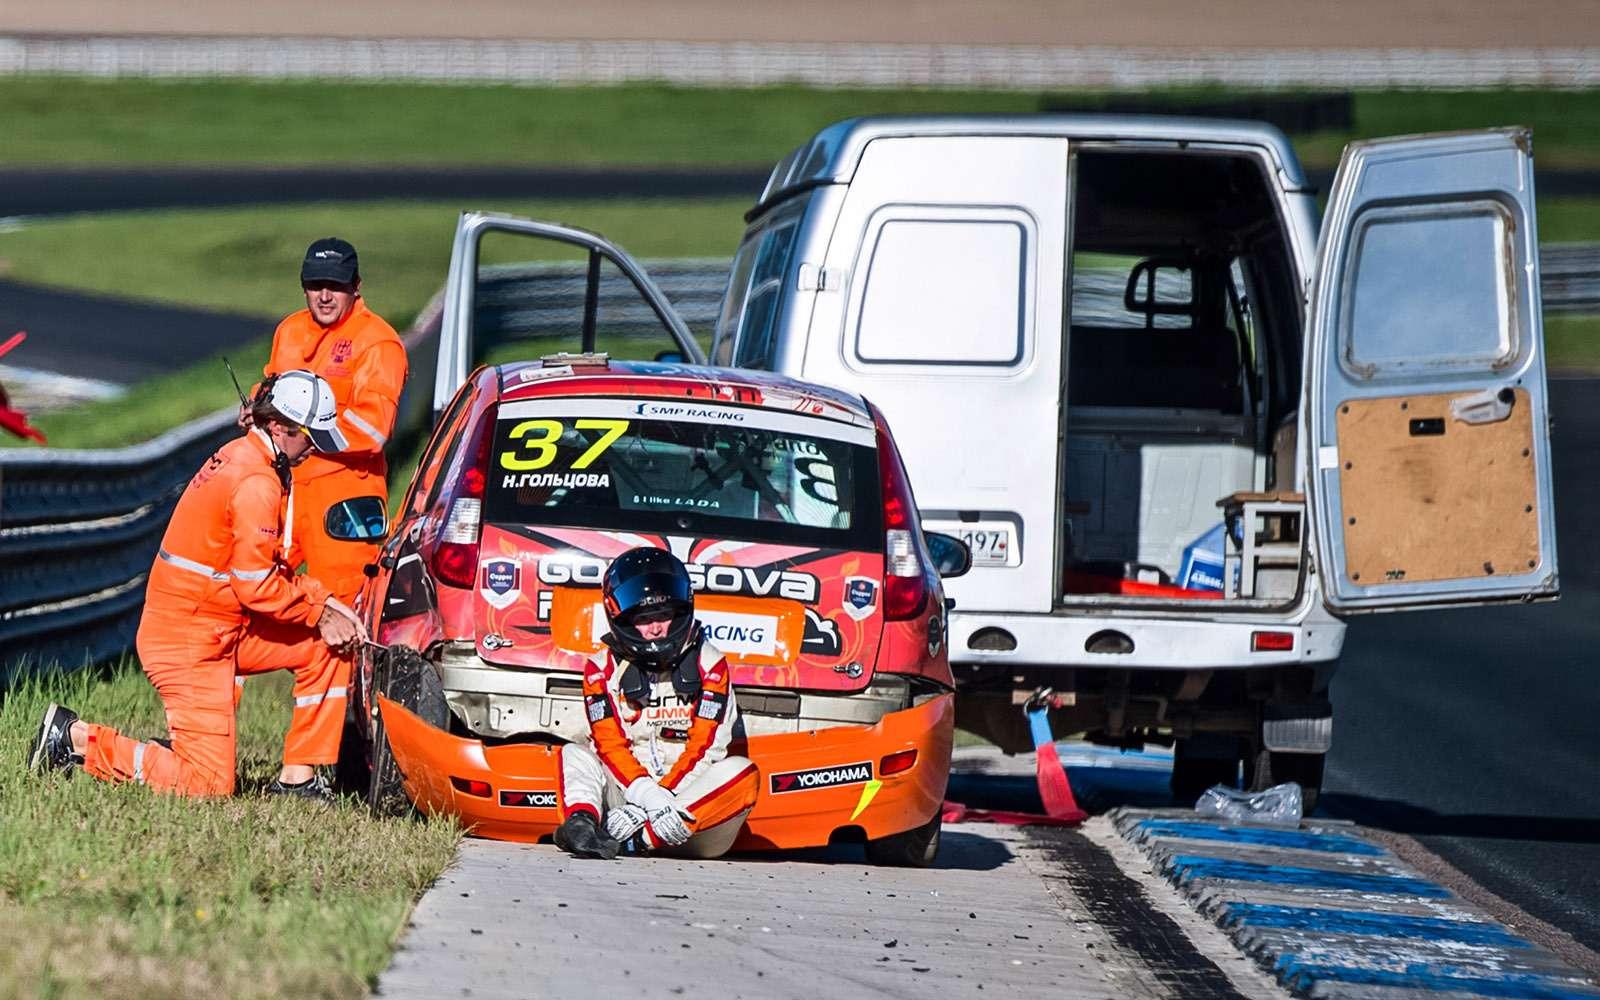 Российская серия кольцевых гонок: допоследней капли— фото 657860